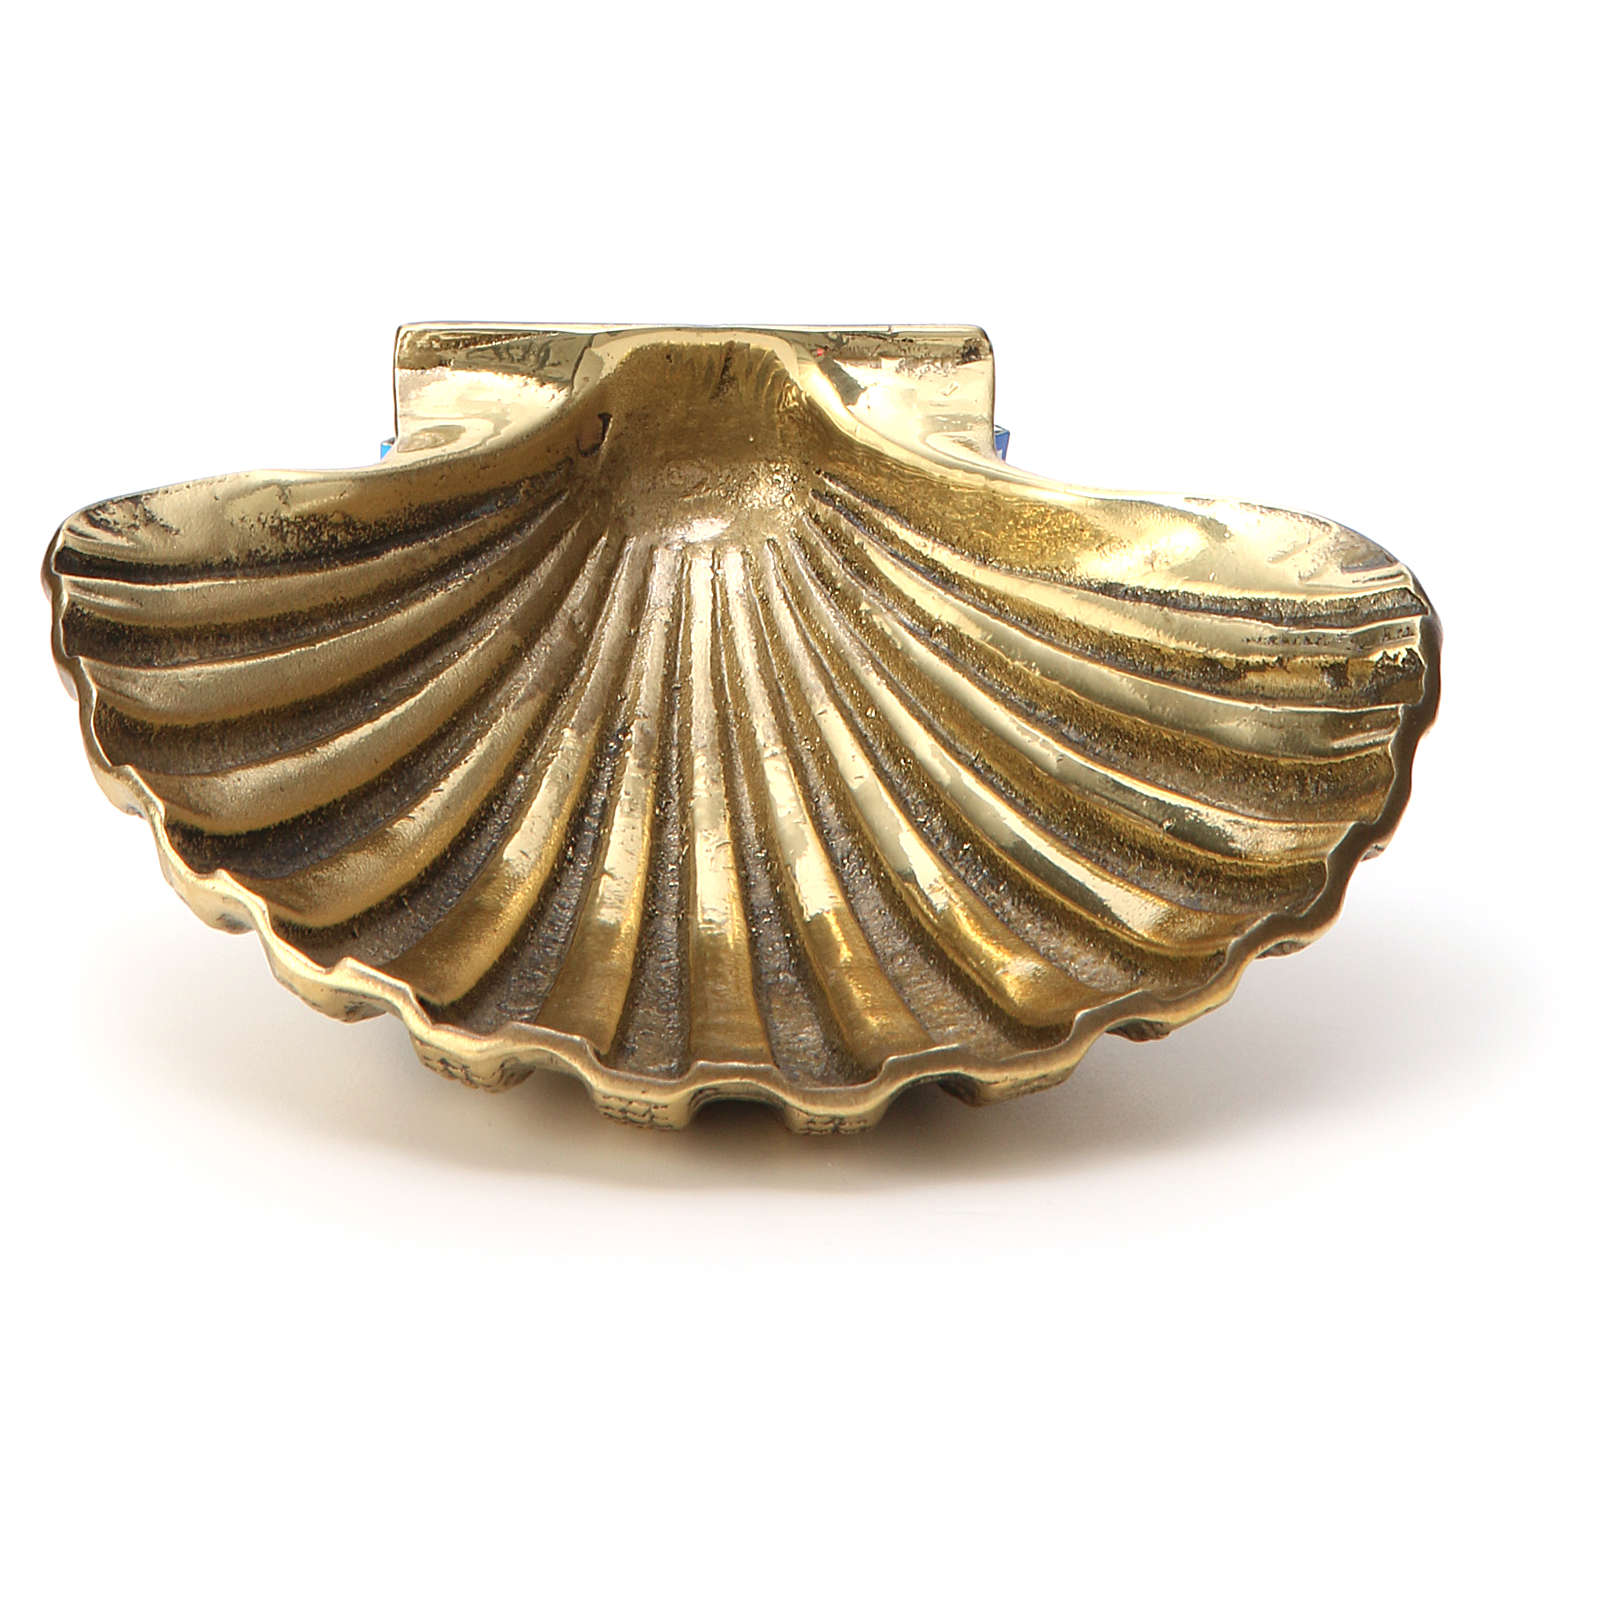 Taufmuschel aus bronzefarbigen Messing 13x10 cm 3